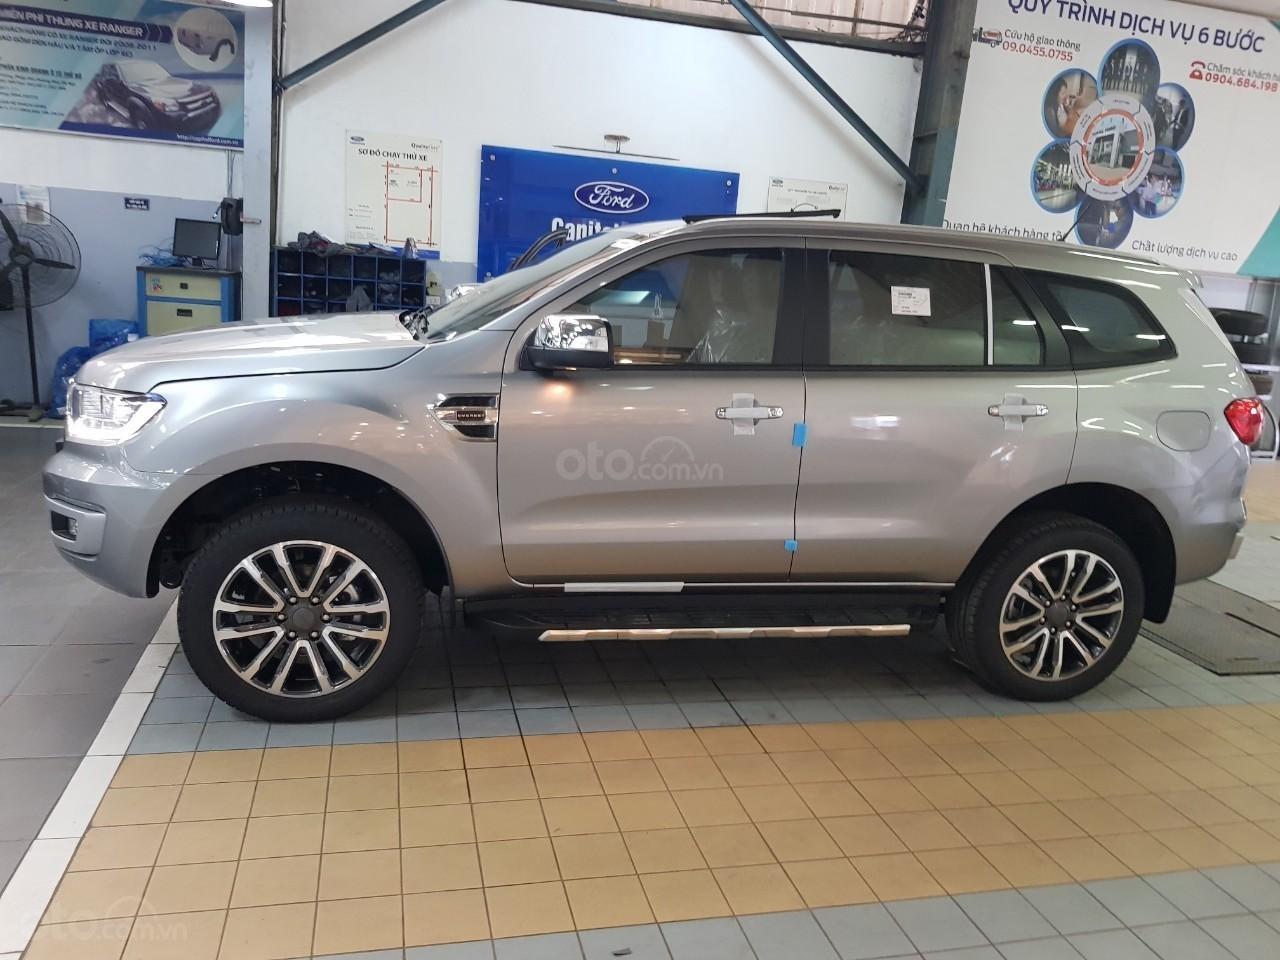 Ford Everest Titanium - KM 90 triệu tiền mặt, đủ màu giao ngay chỉ với từ 200 triệu Mr Trung: 0967664648 (2)